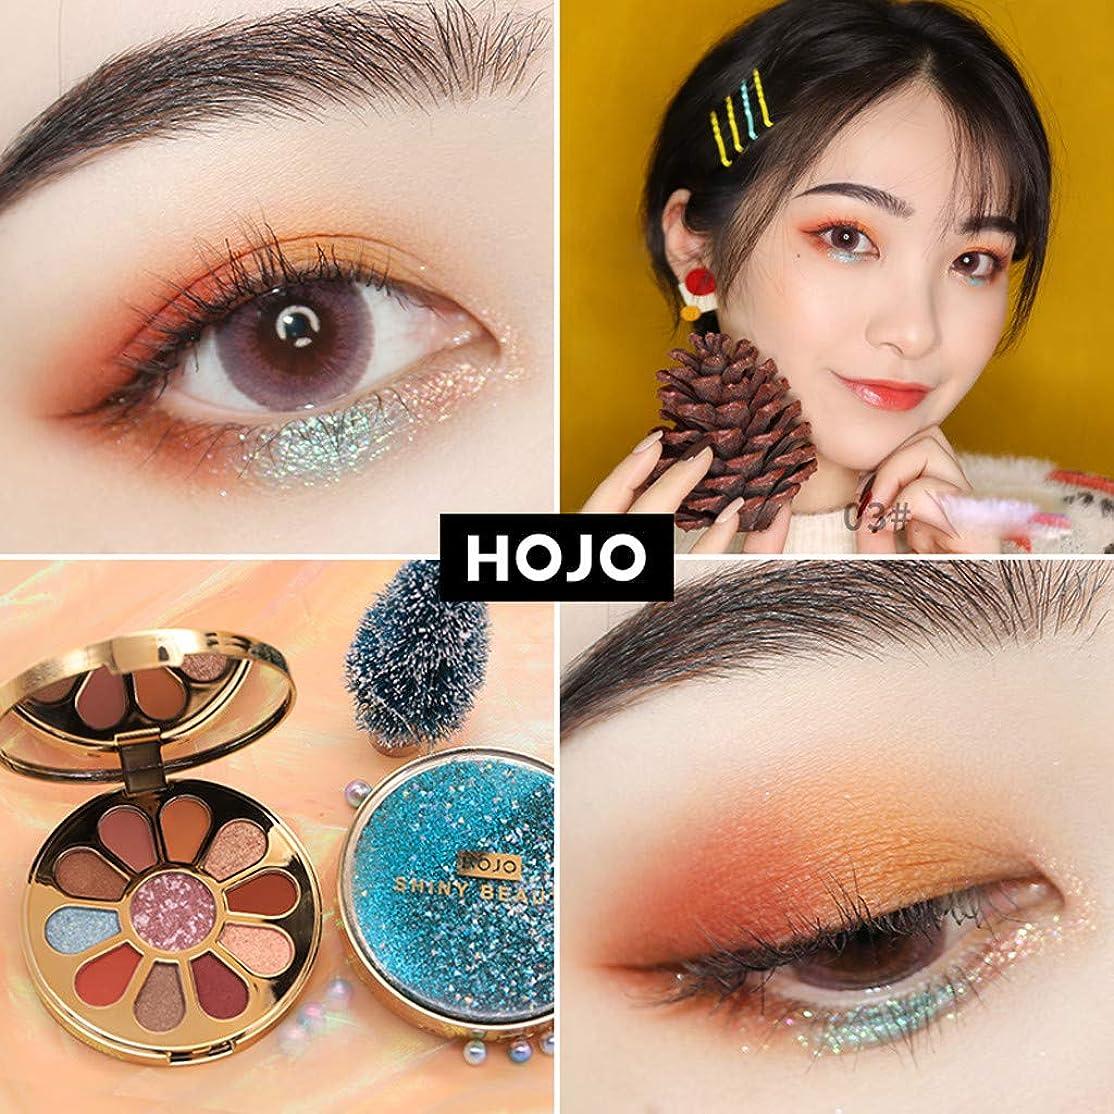 意志抜粋送料Akane アイシャドウパレット HOJO ファッション 魅力的 高級 美しい 優雅な 花 綺麗 キラキラ 素敵 持ち便利 日常 Eye Shadow (11色) 8031